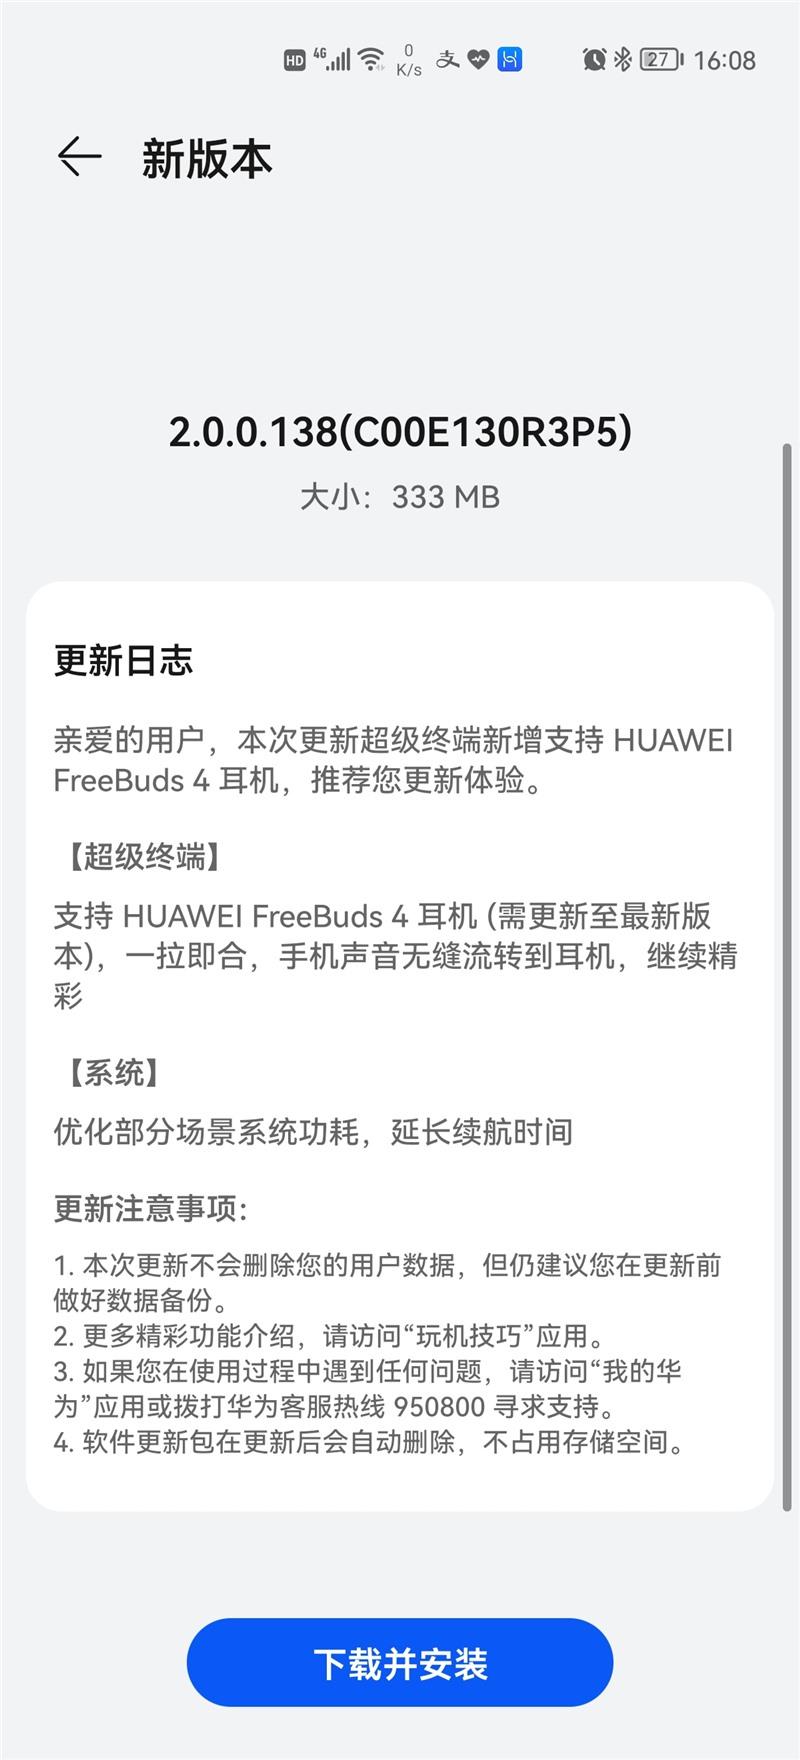 华为鸿蒙 HarmonyOS 2.0.0.138 更新:超级终端支持 Freebuds 4